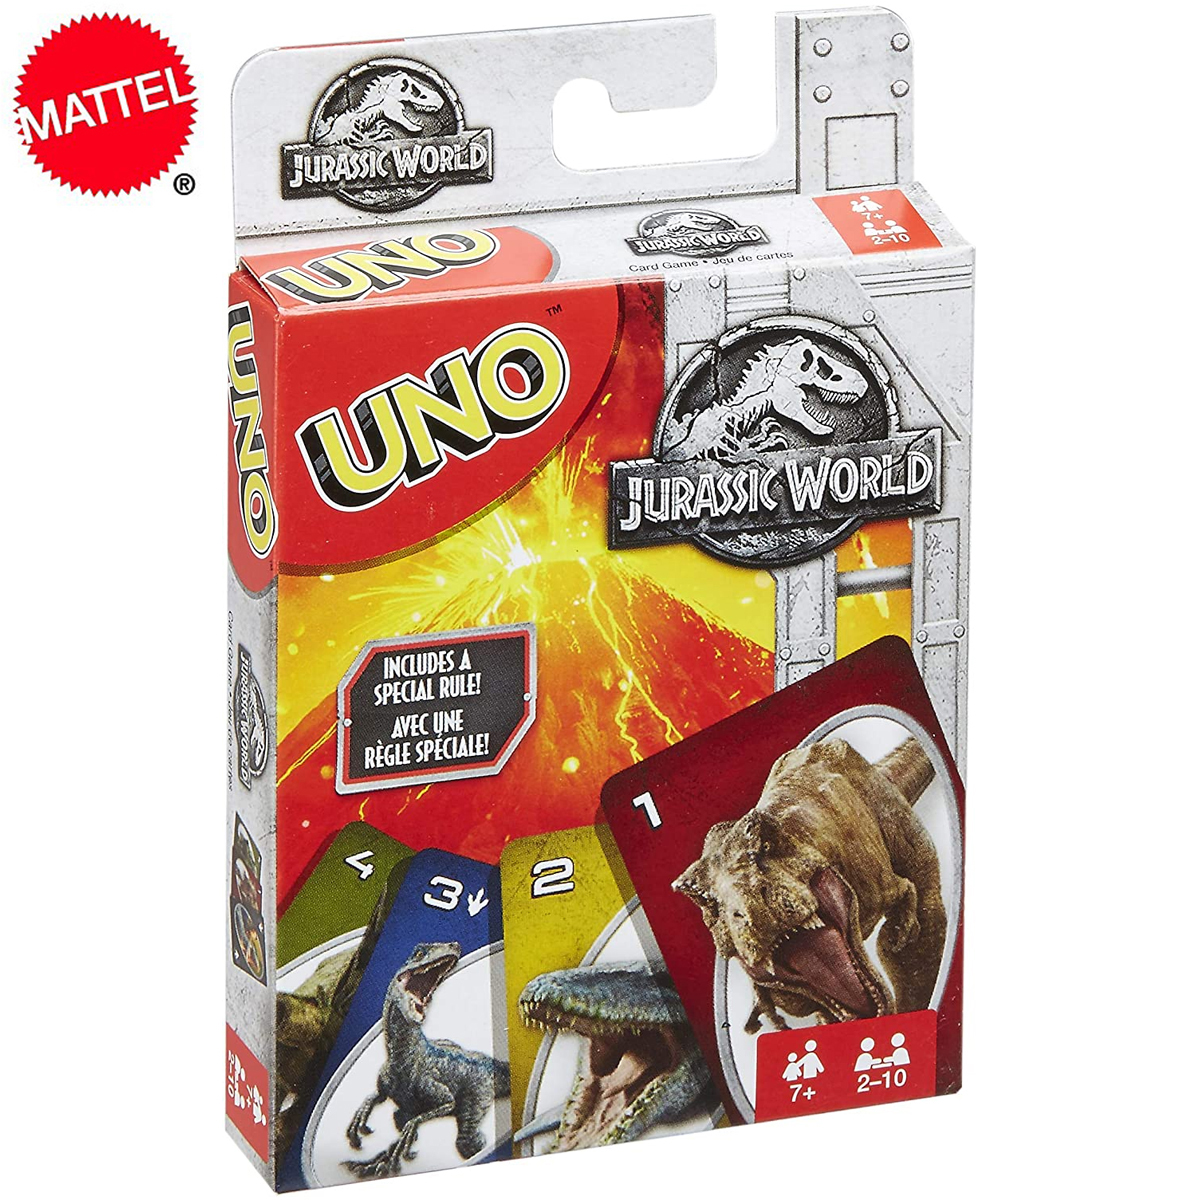 Mattel с рисунком динозавра из мультфильма «Парк Юрского периода», флип чехол в UNO игры карточные игры Семья забавные развлечение настольная игра карты для покера игра подарок FLK66|Карточные игры|   | АлиЭкспресс